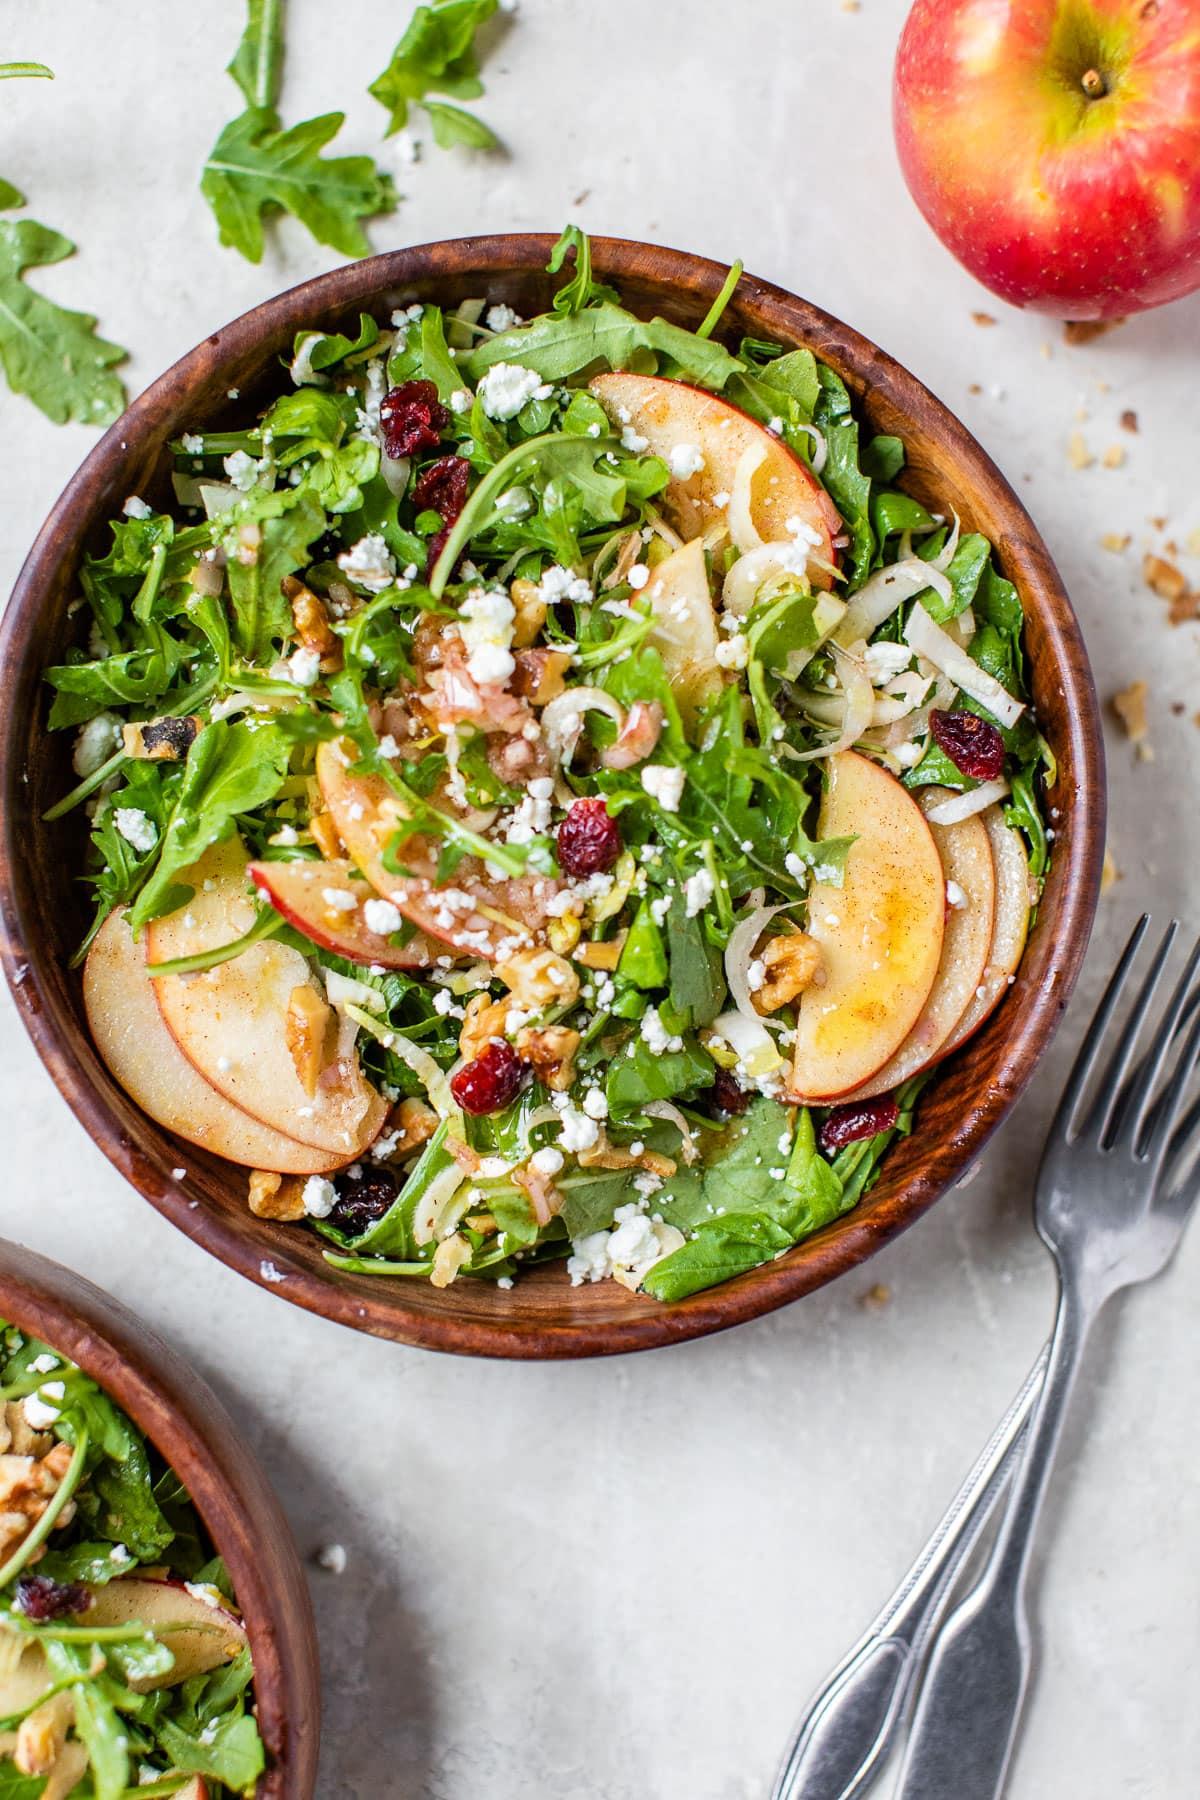 Healthy apple walnut salad in a bowl